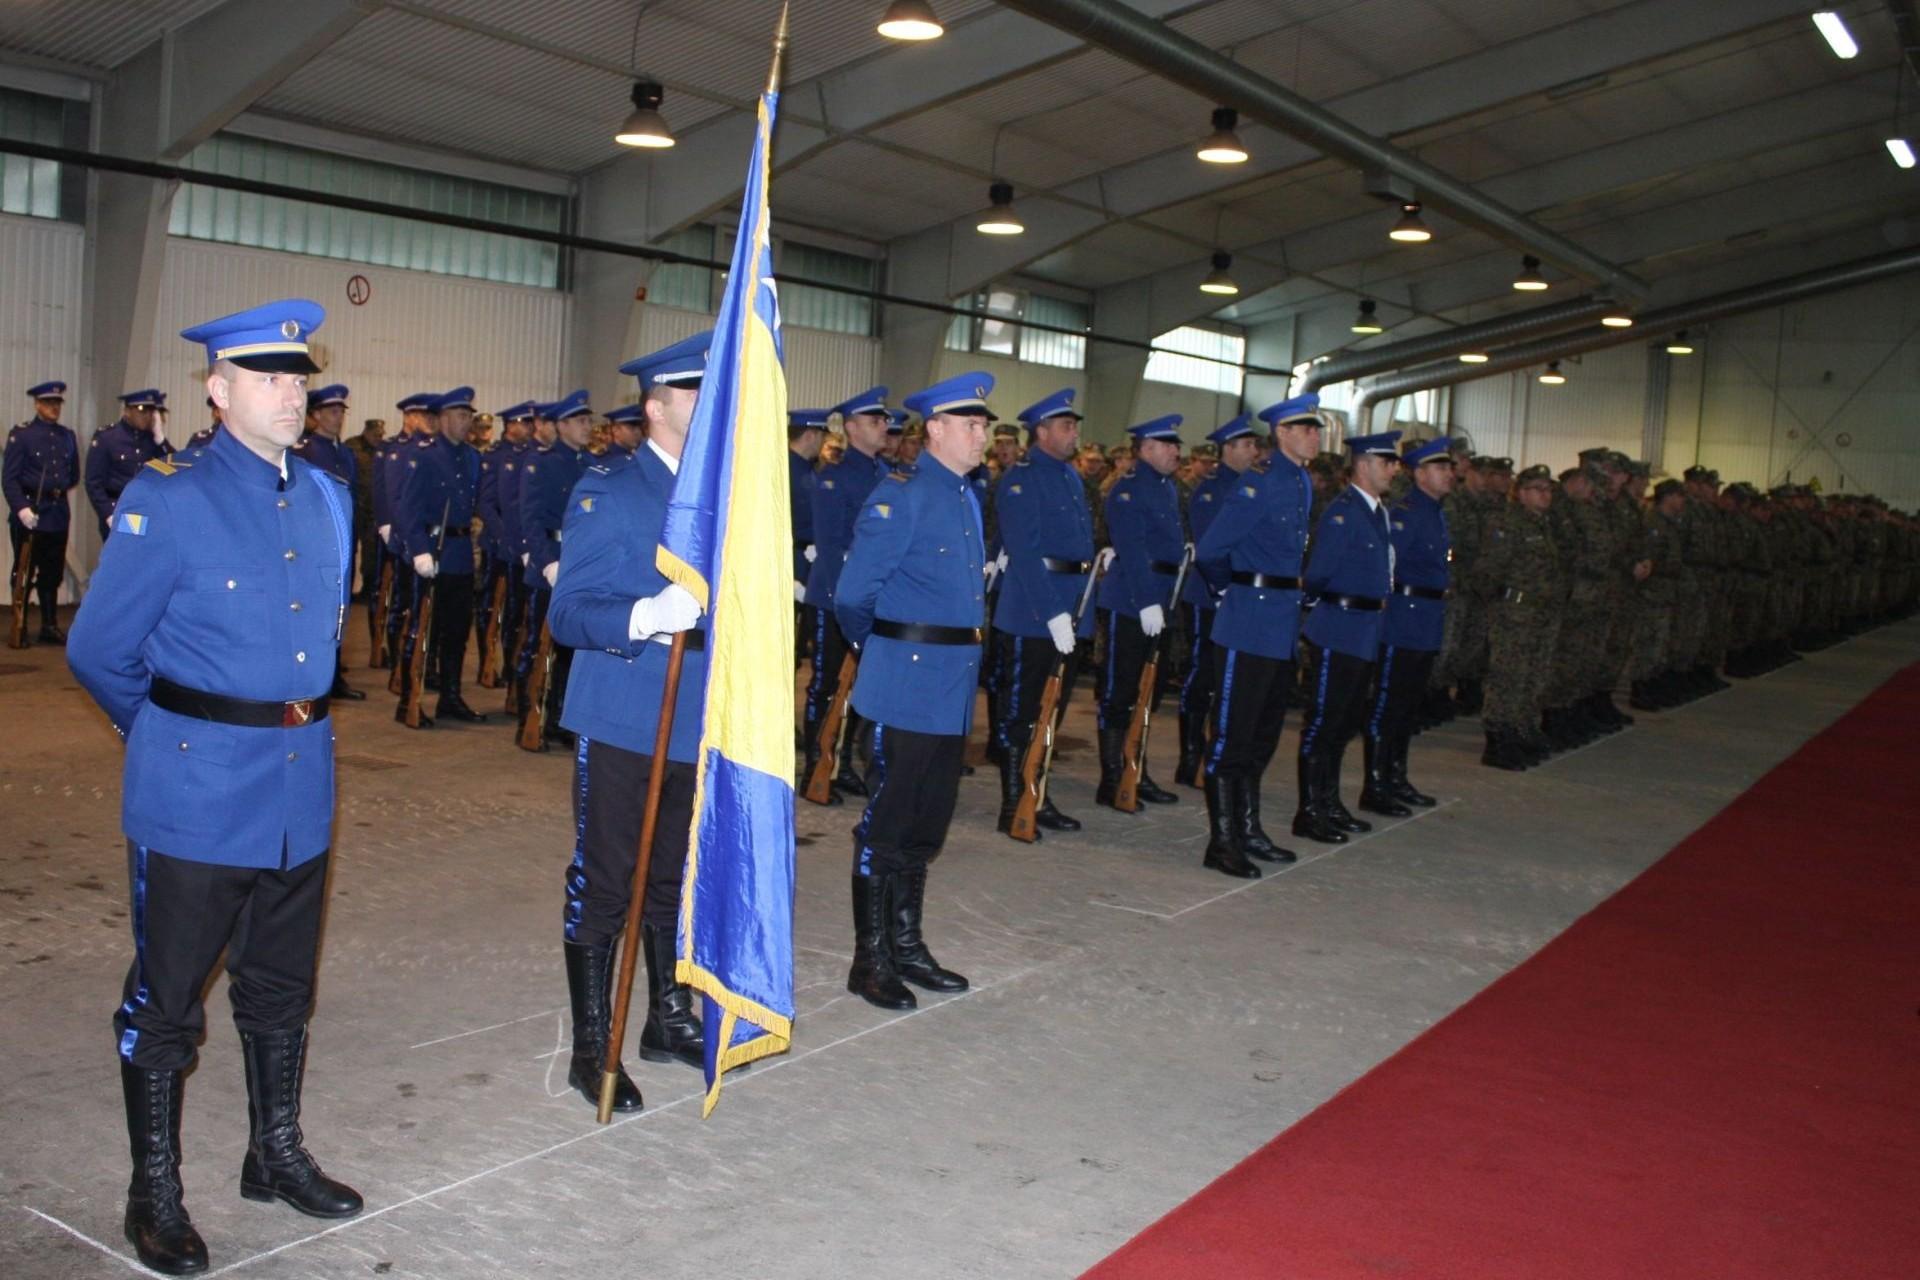 Pripadnici Oružanih snaga BiH tokom obeležavanja sedme godišnjice Dana OS BiH (Foto: mod.gov.ba)